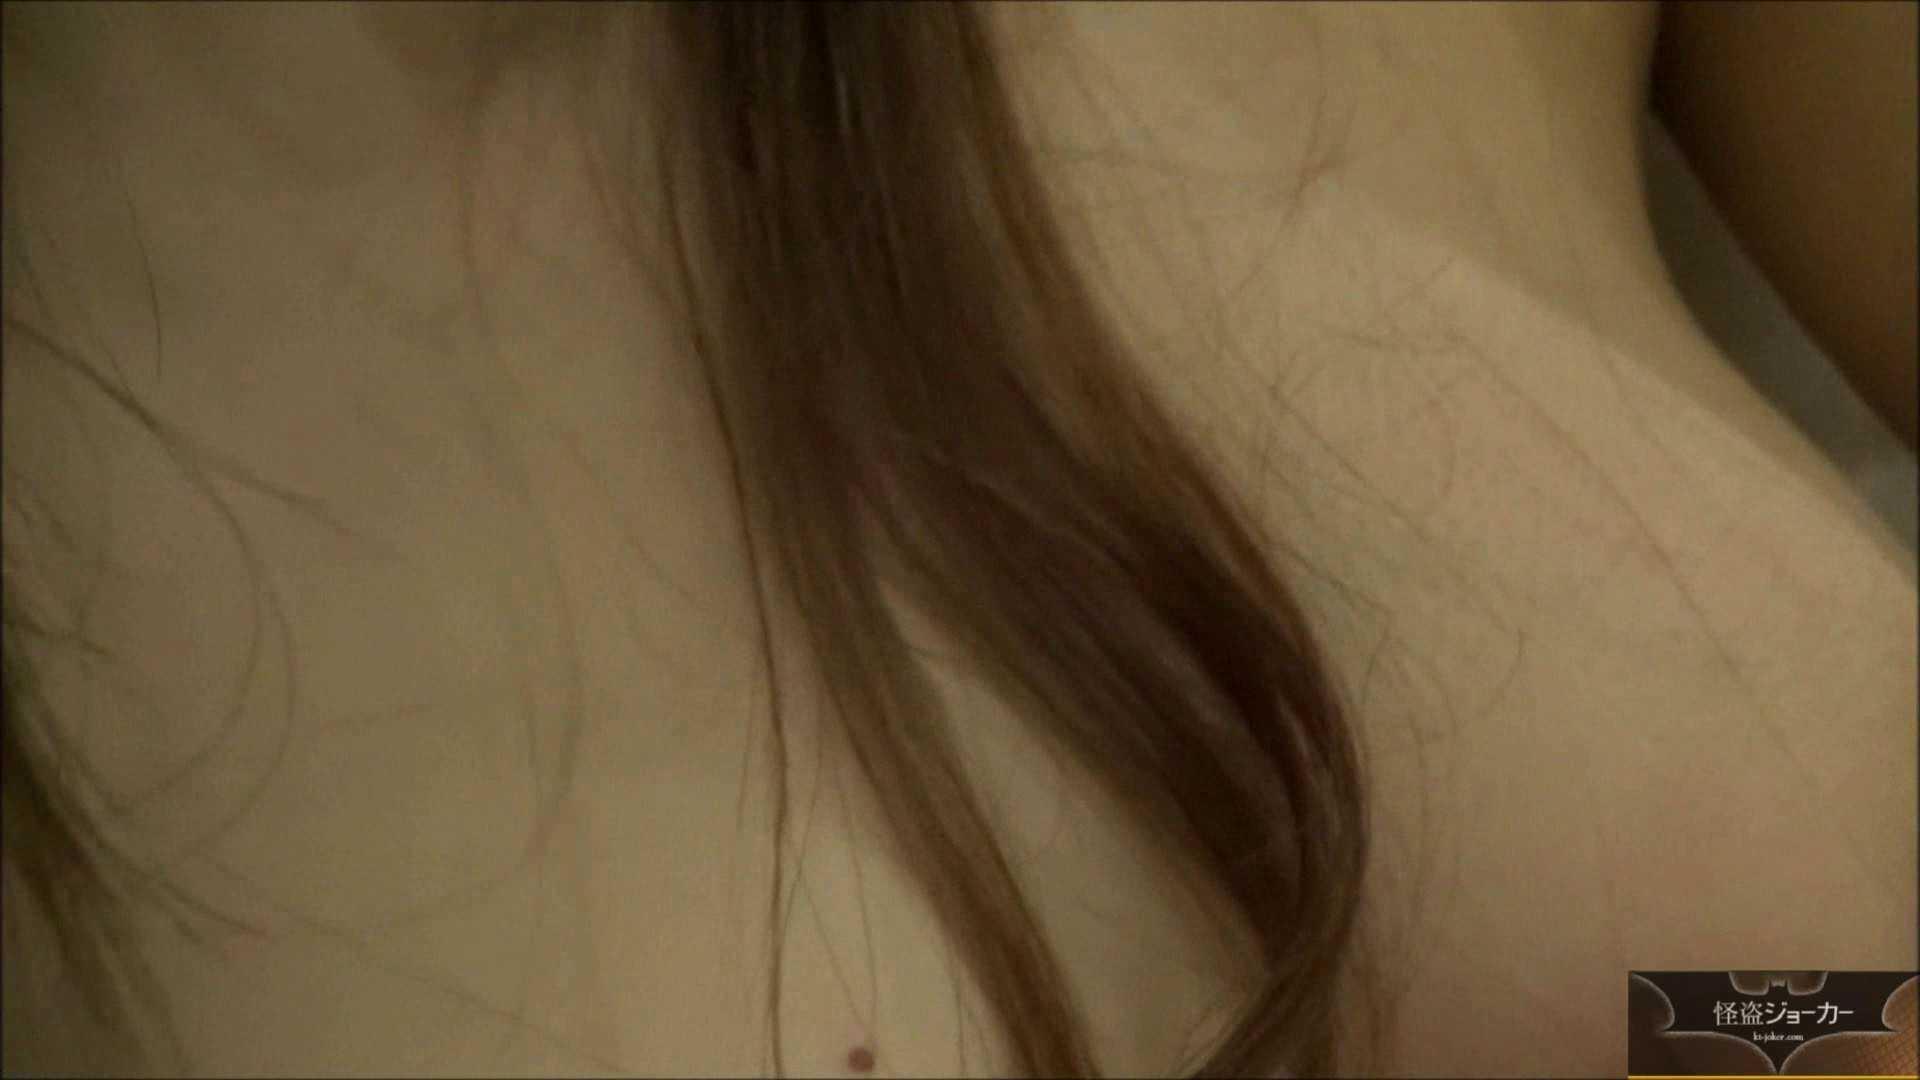 【未公開】vol.82 {関東某有名お嬢様JD}yuunaちゃん④【後編】 いじくり おめこ無修正画像 111枚 41